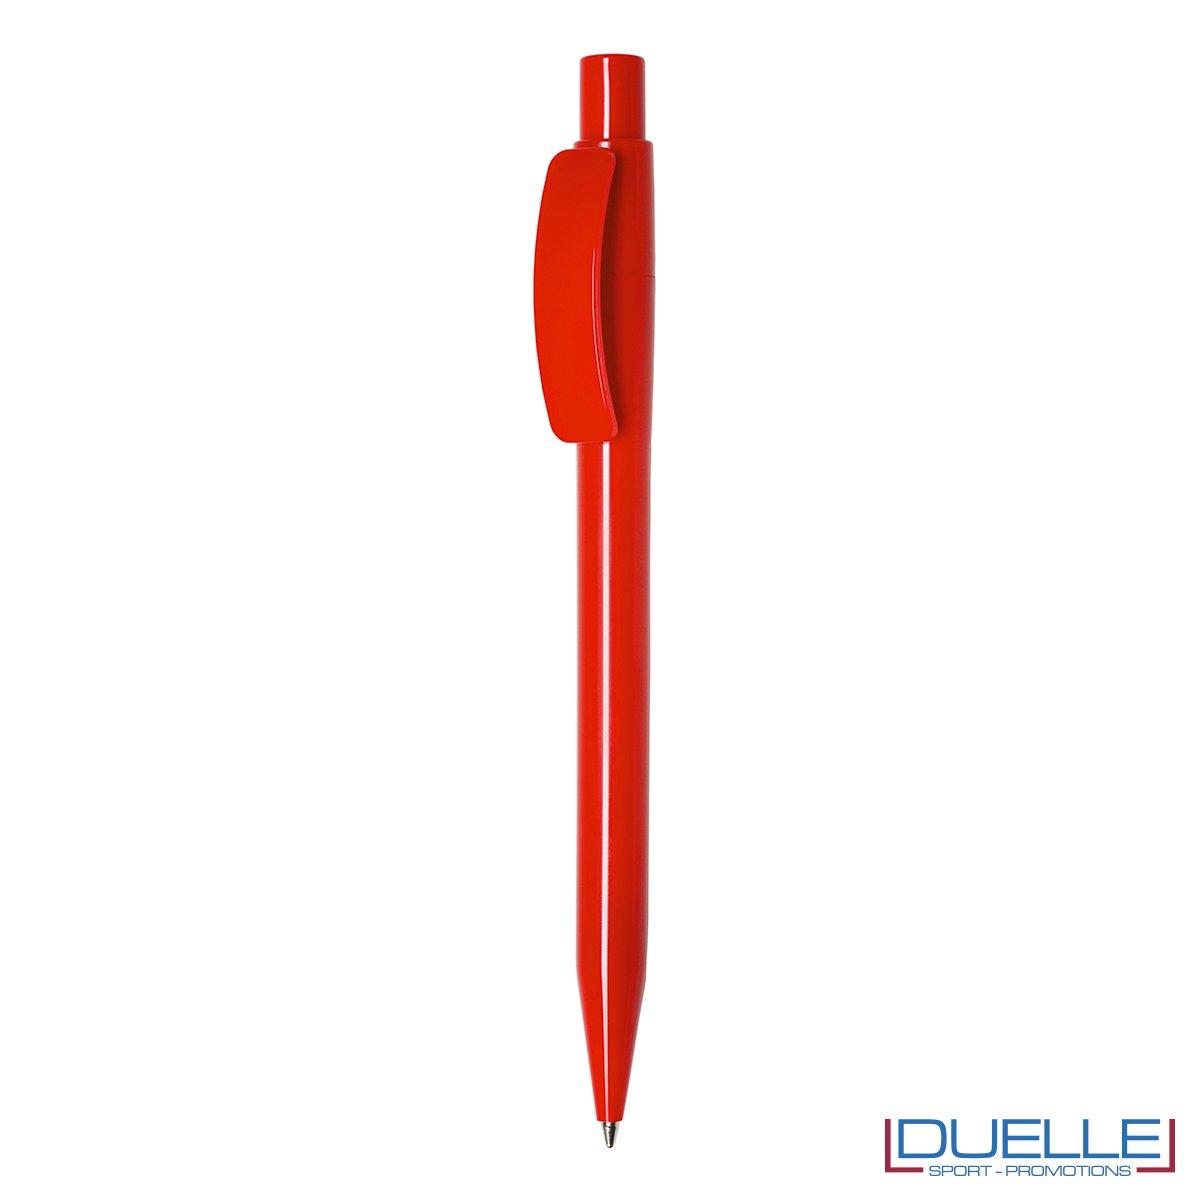 Penna Made in Italy personalizzata fusto rosso, gadget aziendali, penne personalizzate, gadget personalizzati, articoli promozionali